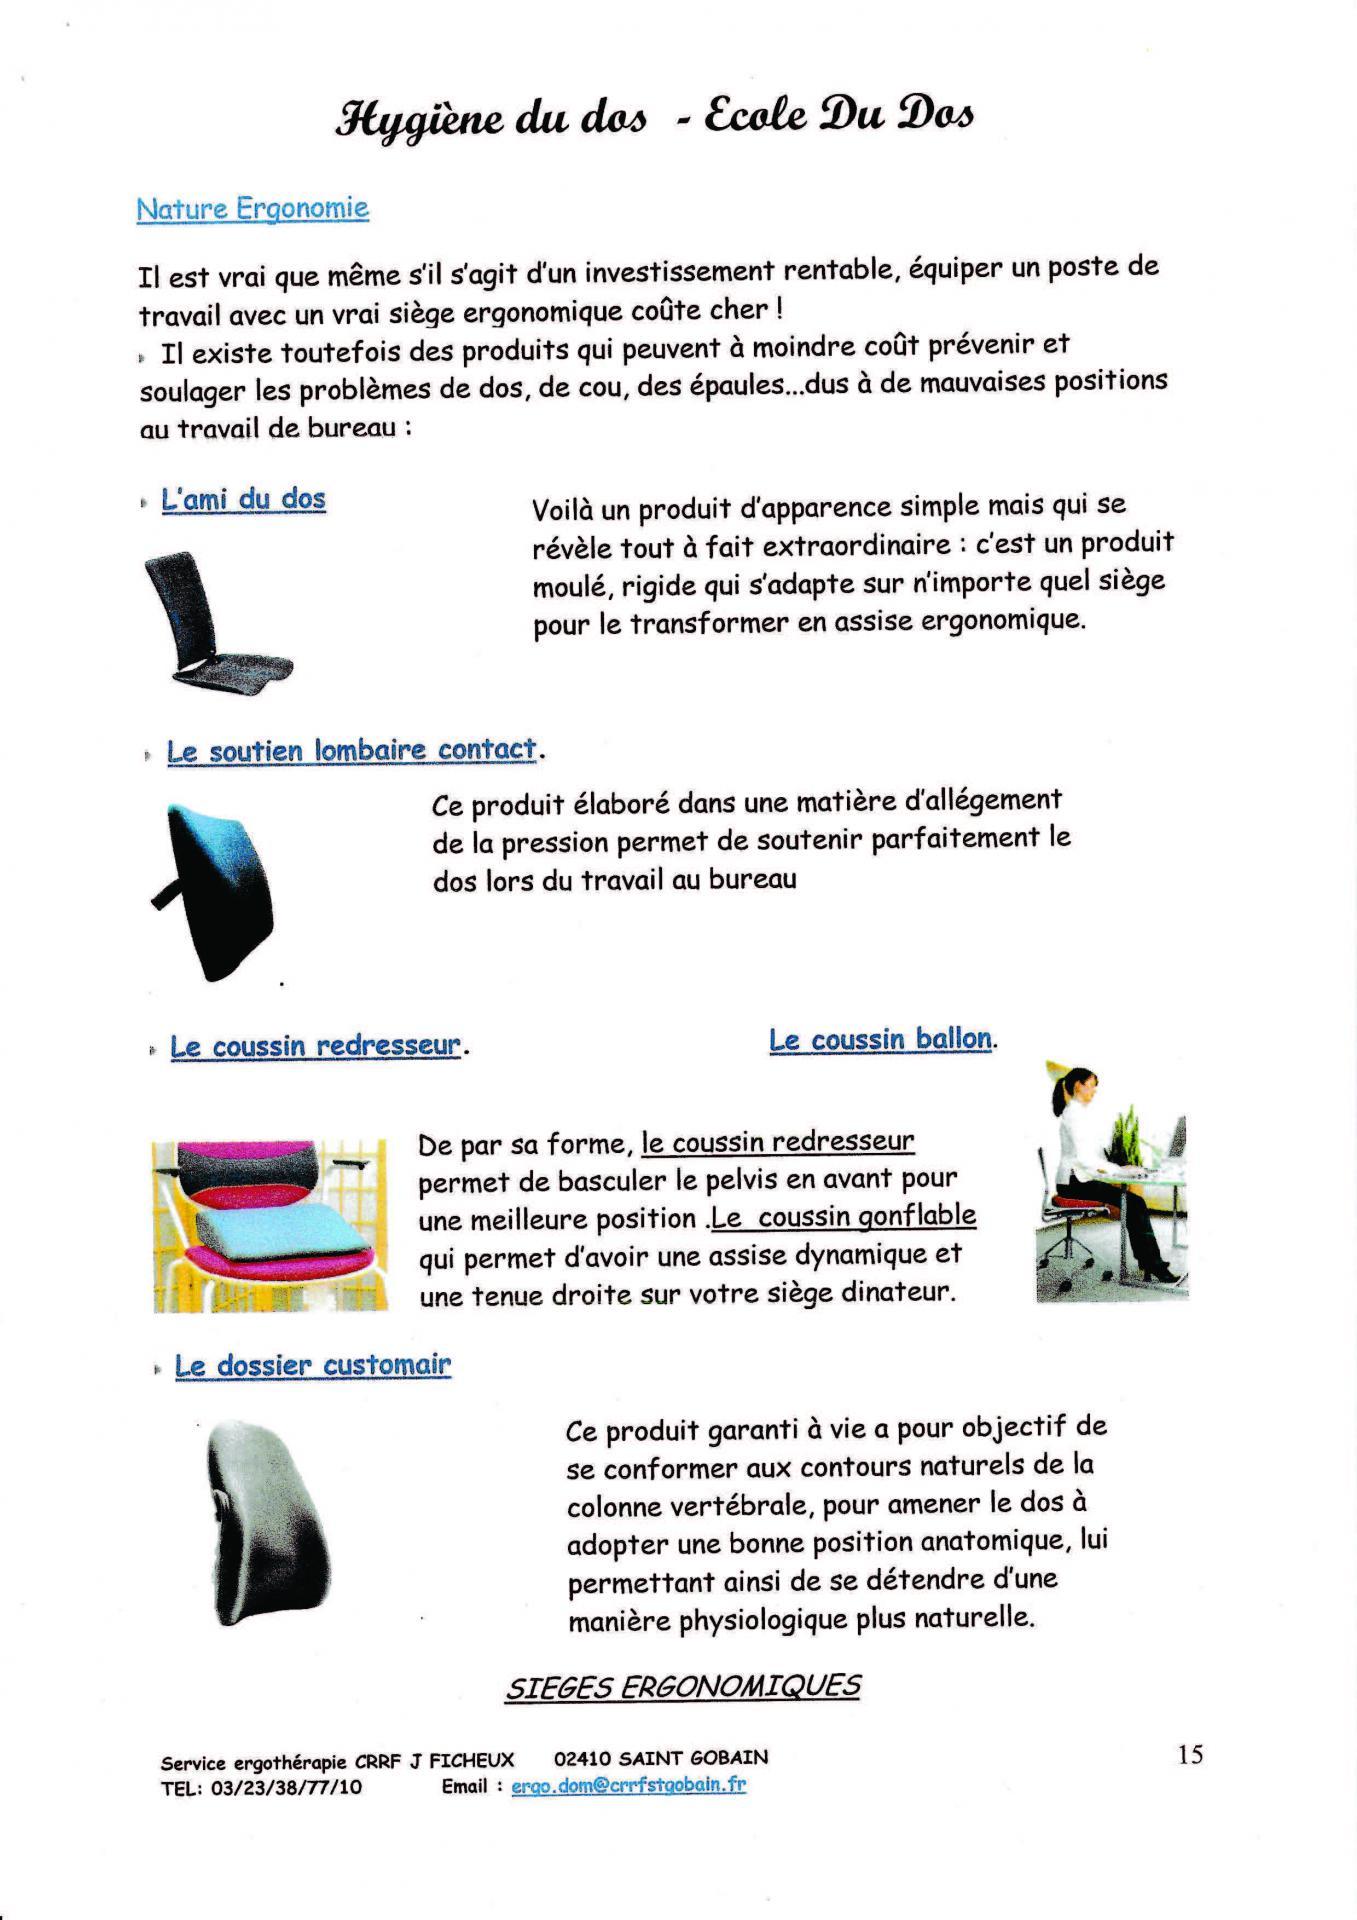 Ecole du dos pdfbis page 15